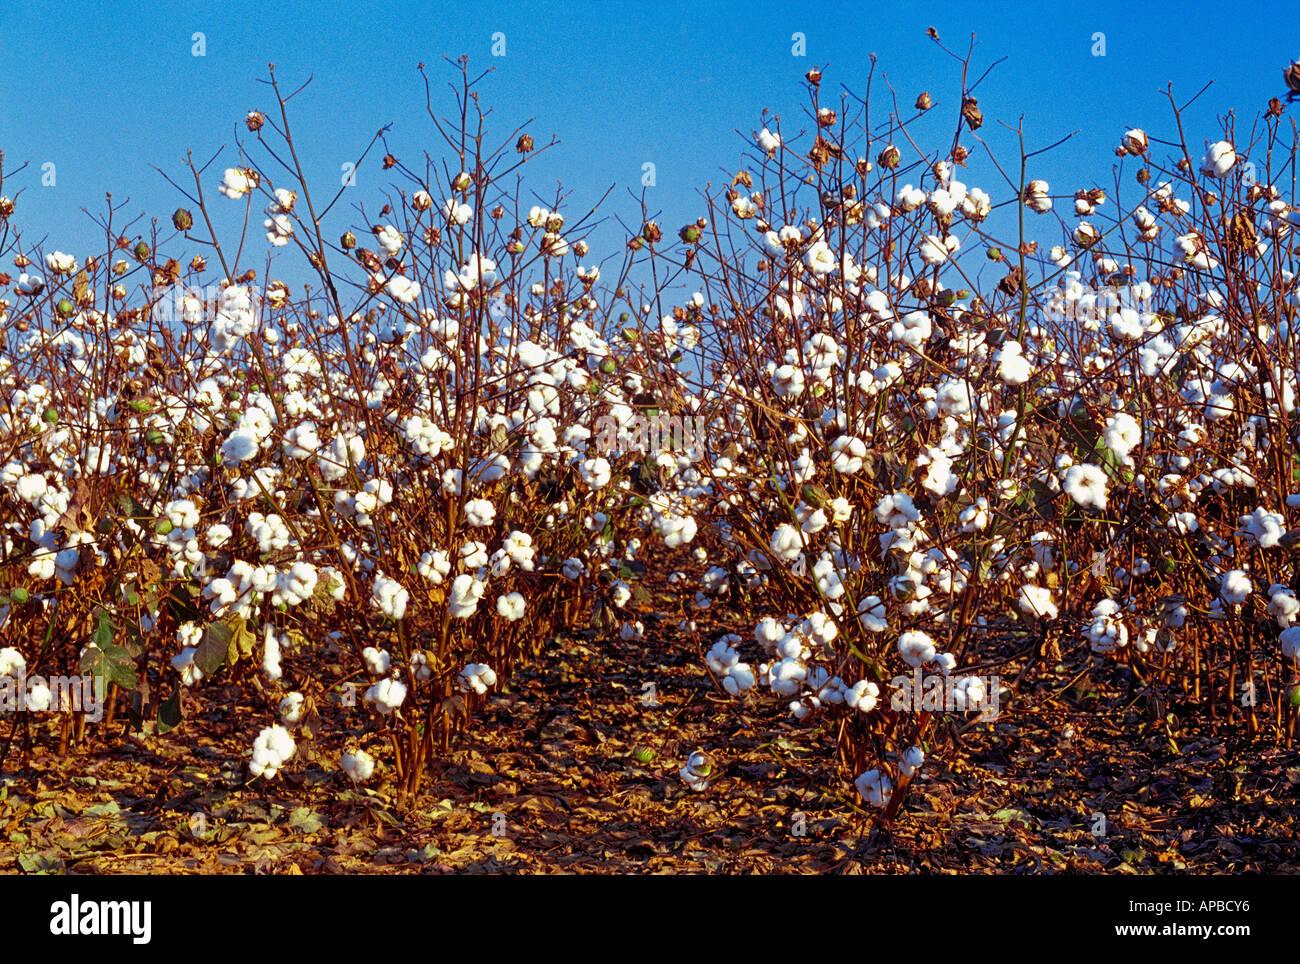 La maturité de récolte weda défoliés prêt Roundup Ready Bt les aliments génétiquement modifiés (GM) gène empilé des plants de coton / de l'Arkansas. Photo Stock